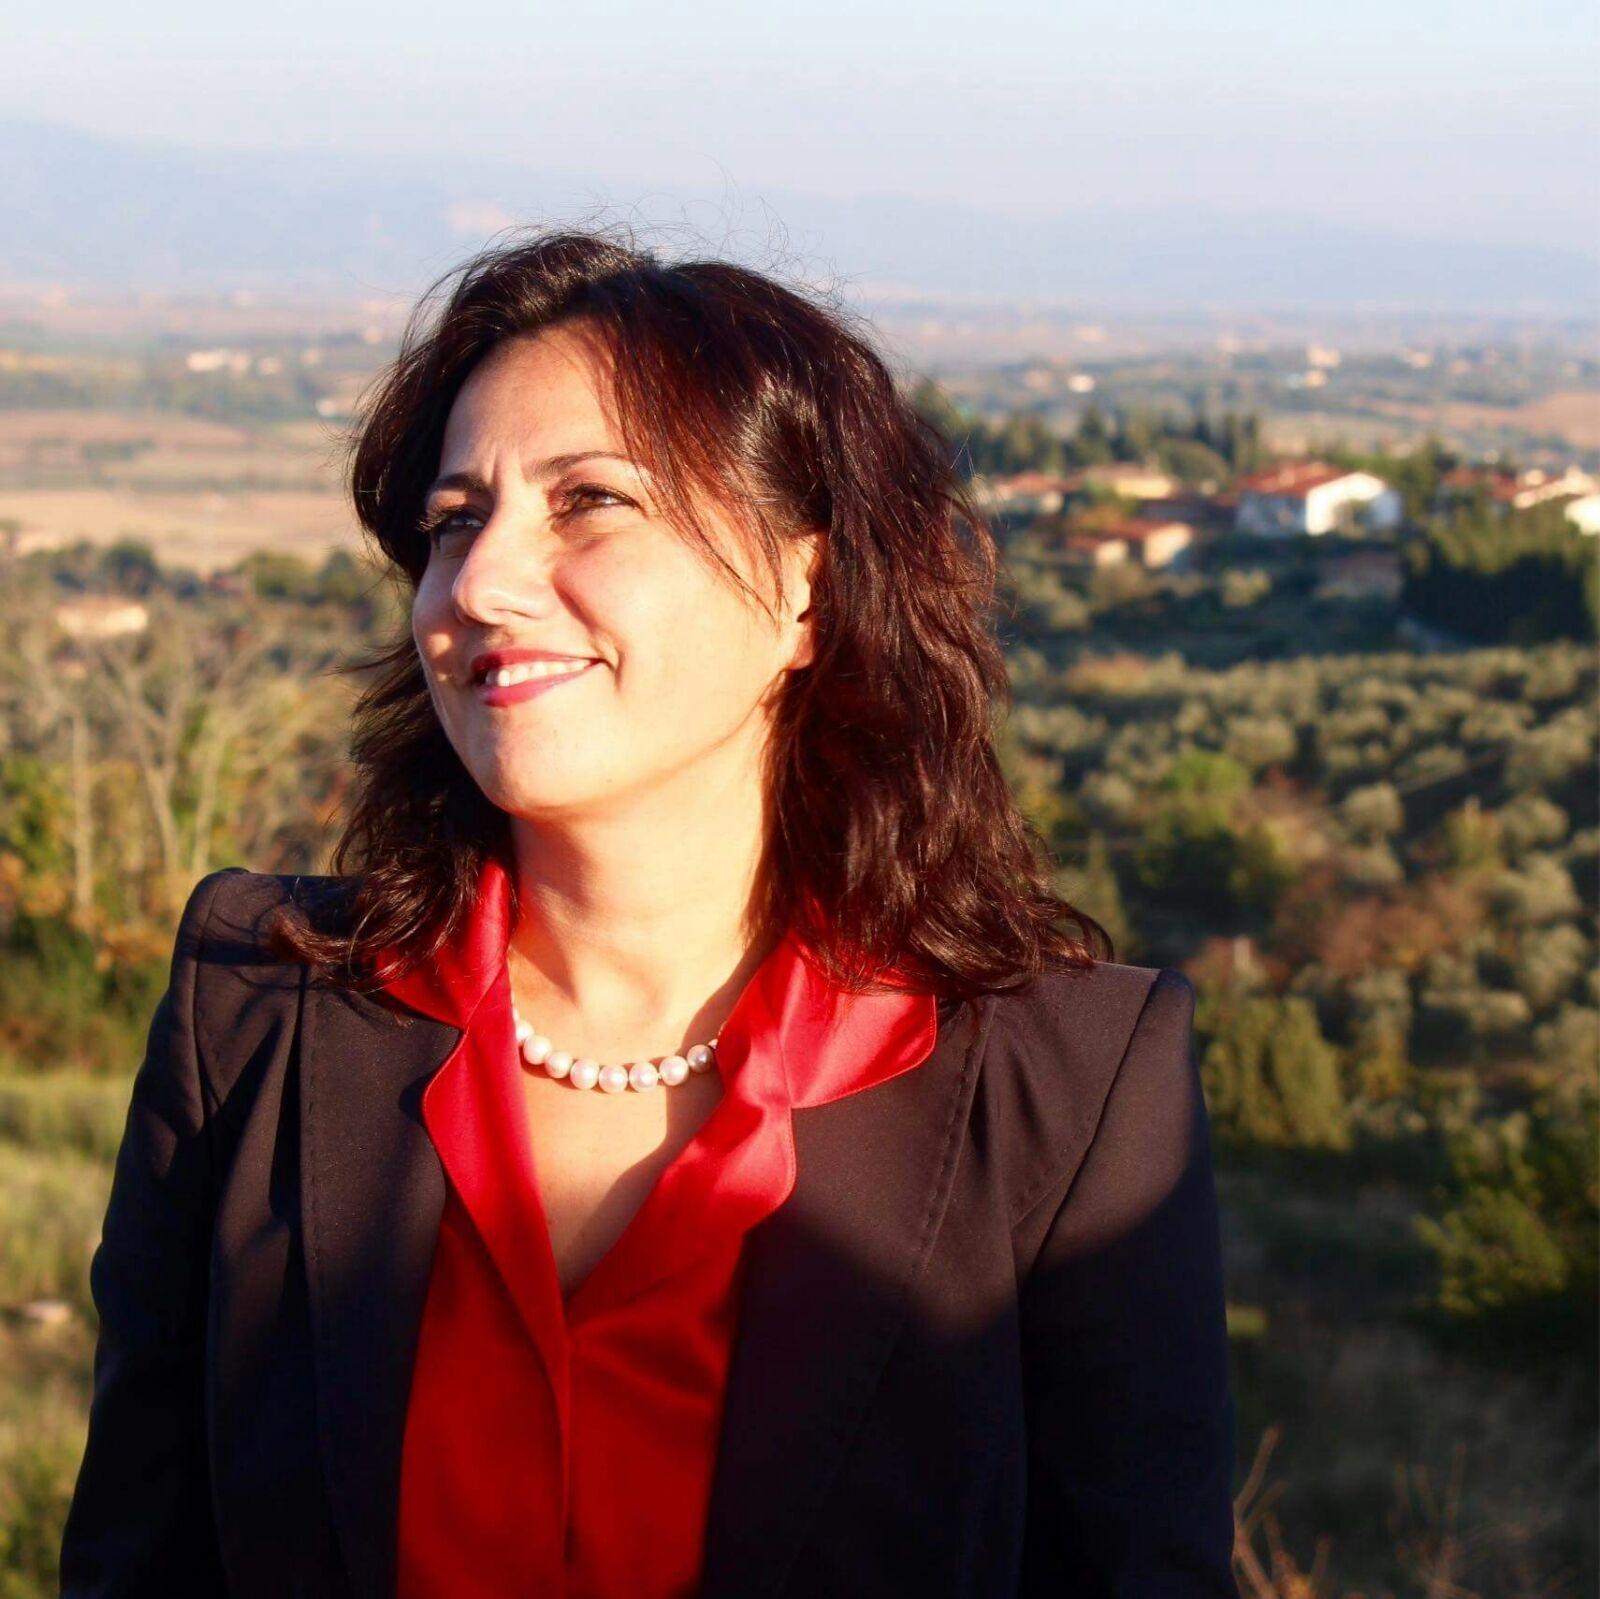 Intervista a Roberta Casini, Sindaco di Lucignano